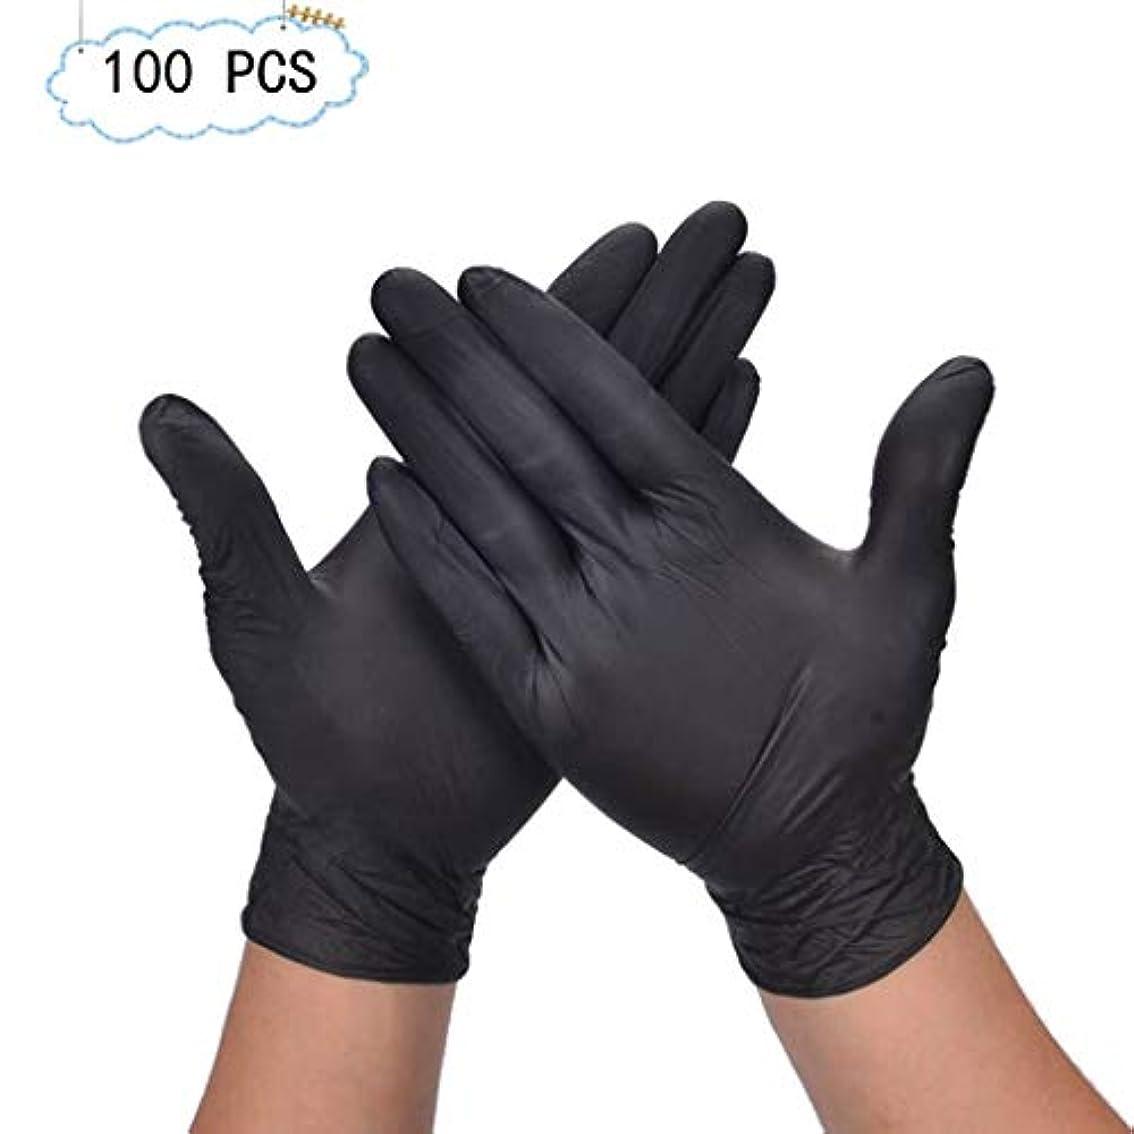 プレゼンター枝知覚できるニトリル滑り止め酸およびアルカリテスト産業用食品使い捨て手袋ペットケアネイルアート検査保護実験、美容院ラテックスフリー、パウダーフリー、両手利き、100個 (Color : Black, Size : XL)